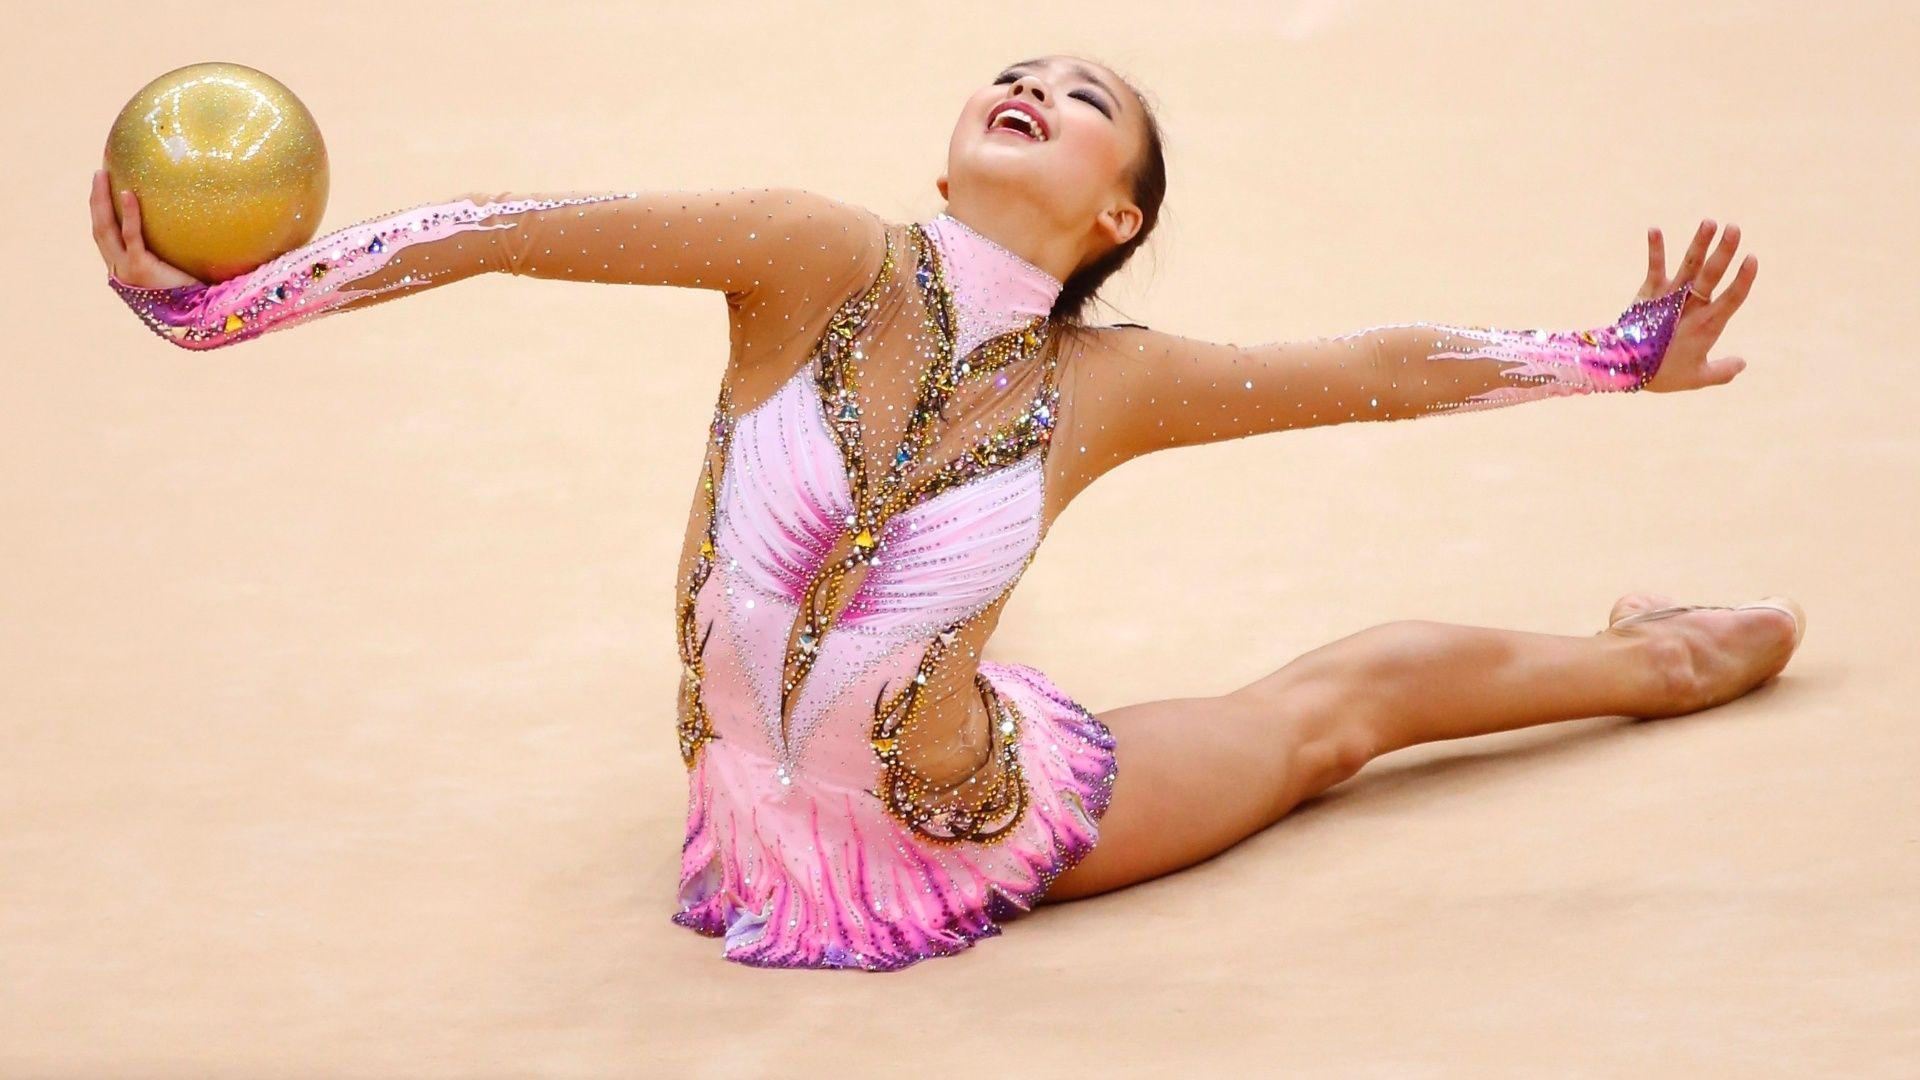 Rhythmic Gymnastics Wallpapers High Quality